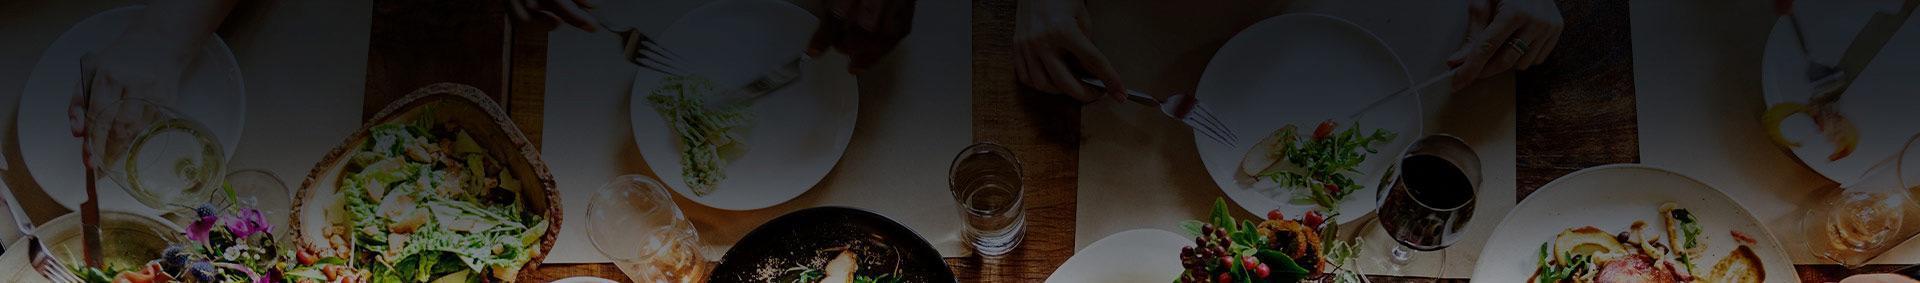 zastawa na stole